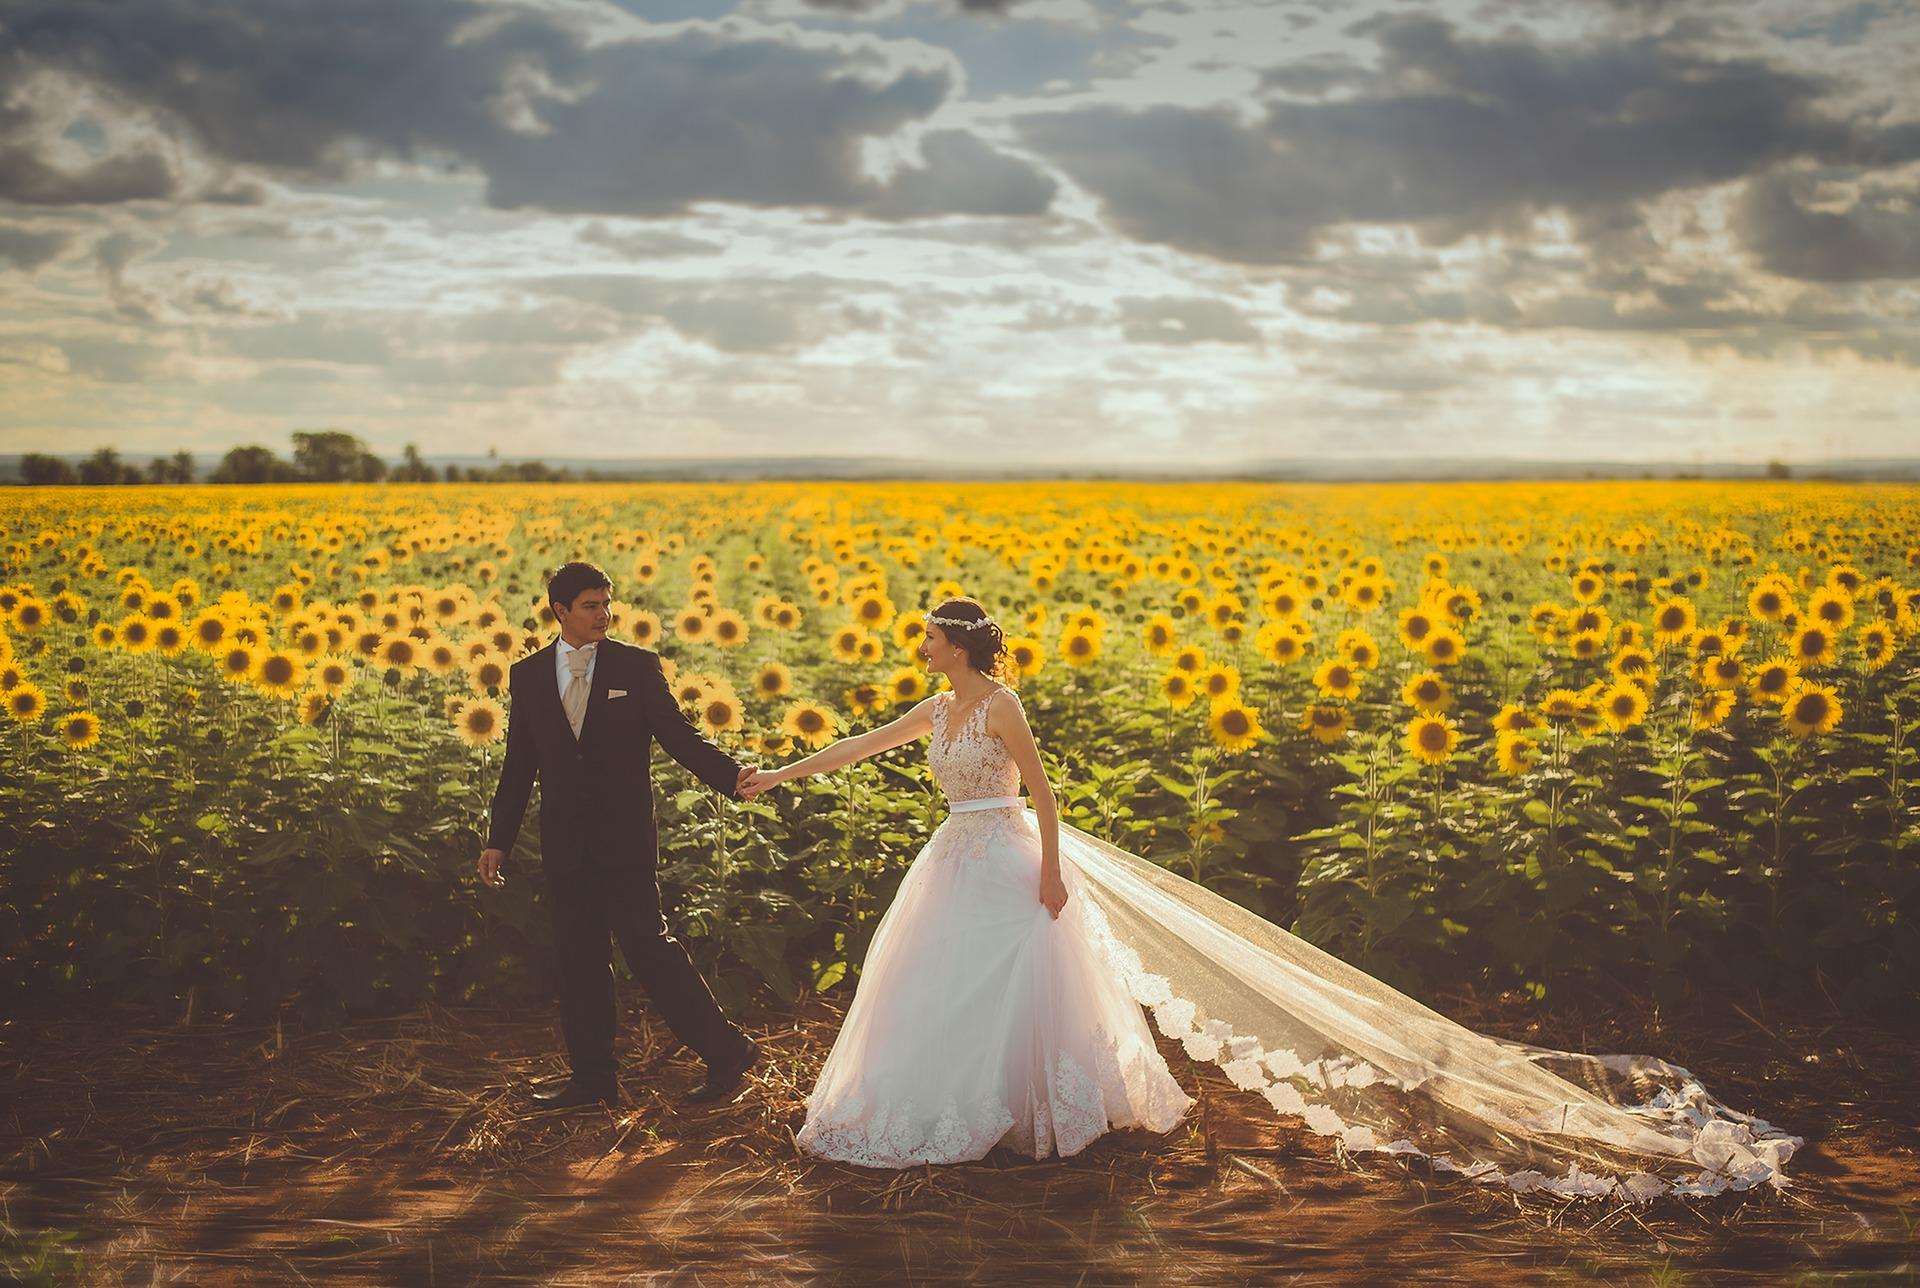 【婚活】夏に種まきをすれば冬までに愛を収穫できるかもしれない